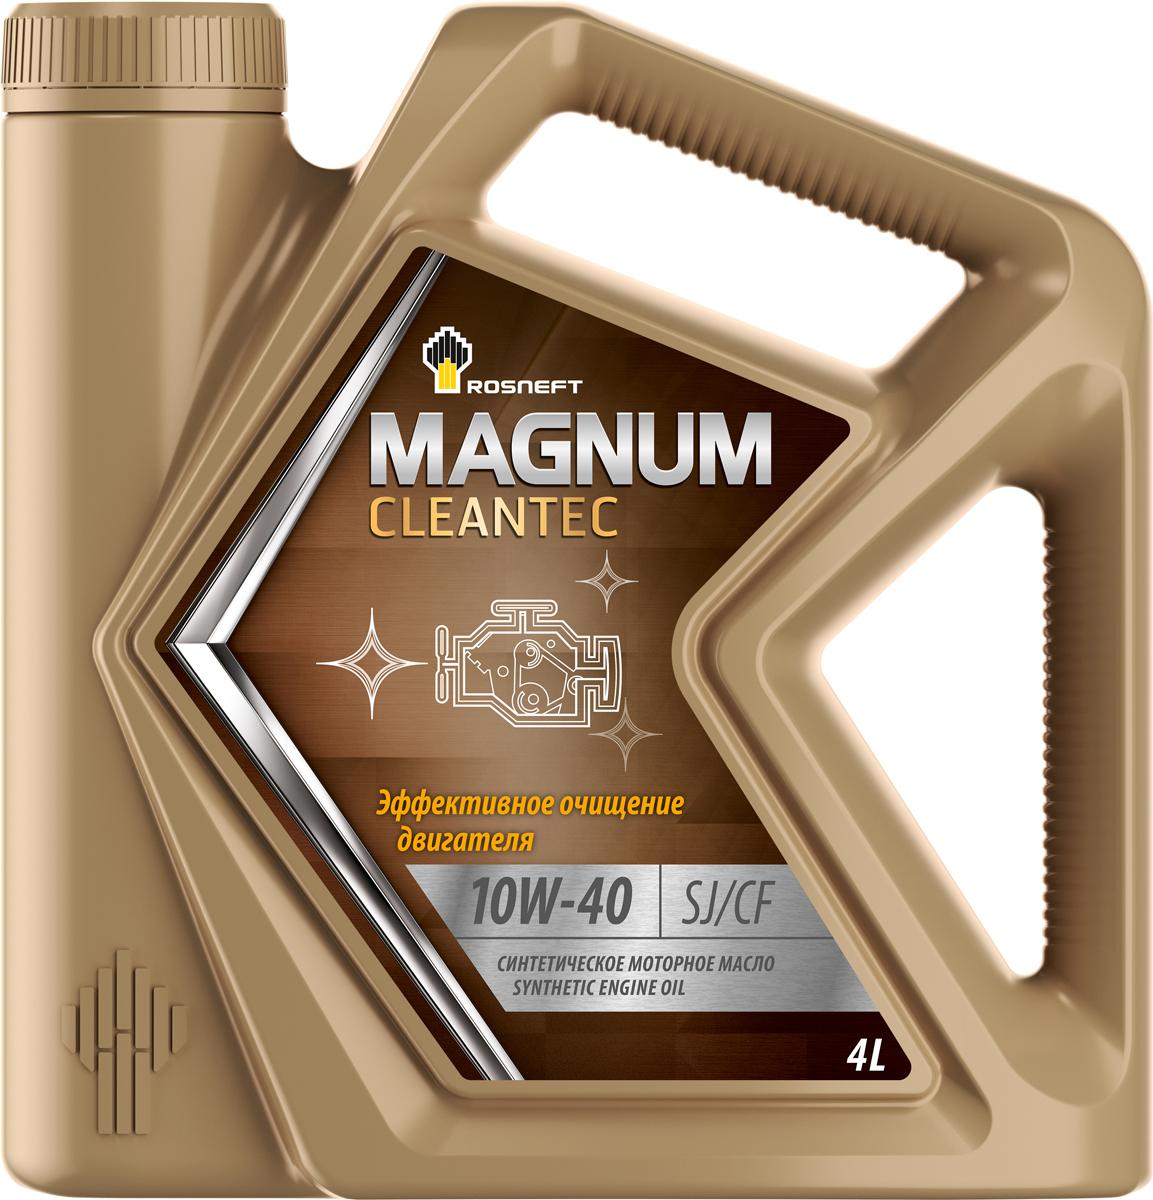 Масло моторное Роснефть Magnum Cleantec, синтетическое, 10W-40, 4 л масло моторное rolf dynamic sae 10w 40 api sj cf 4 л